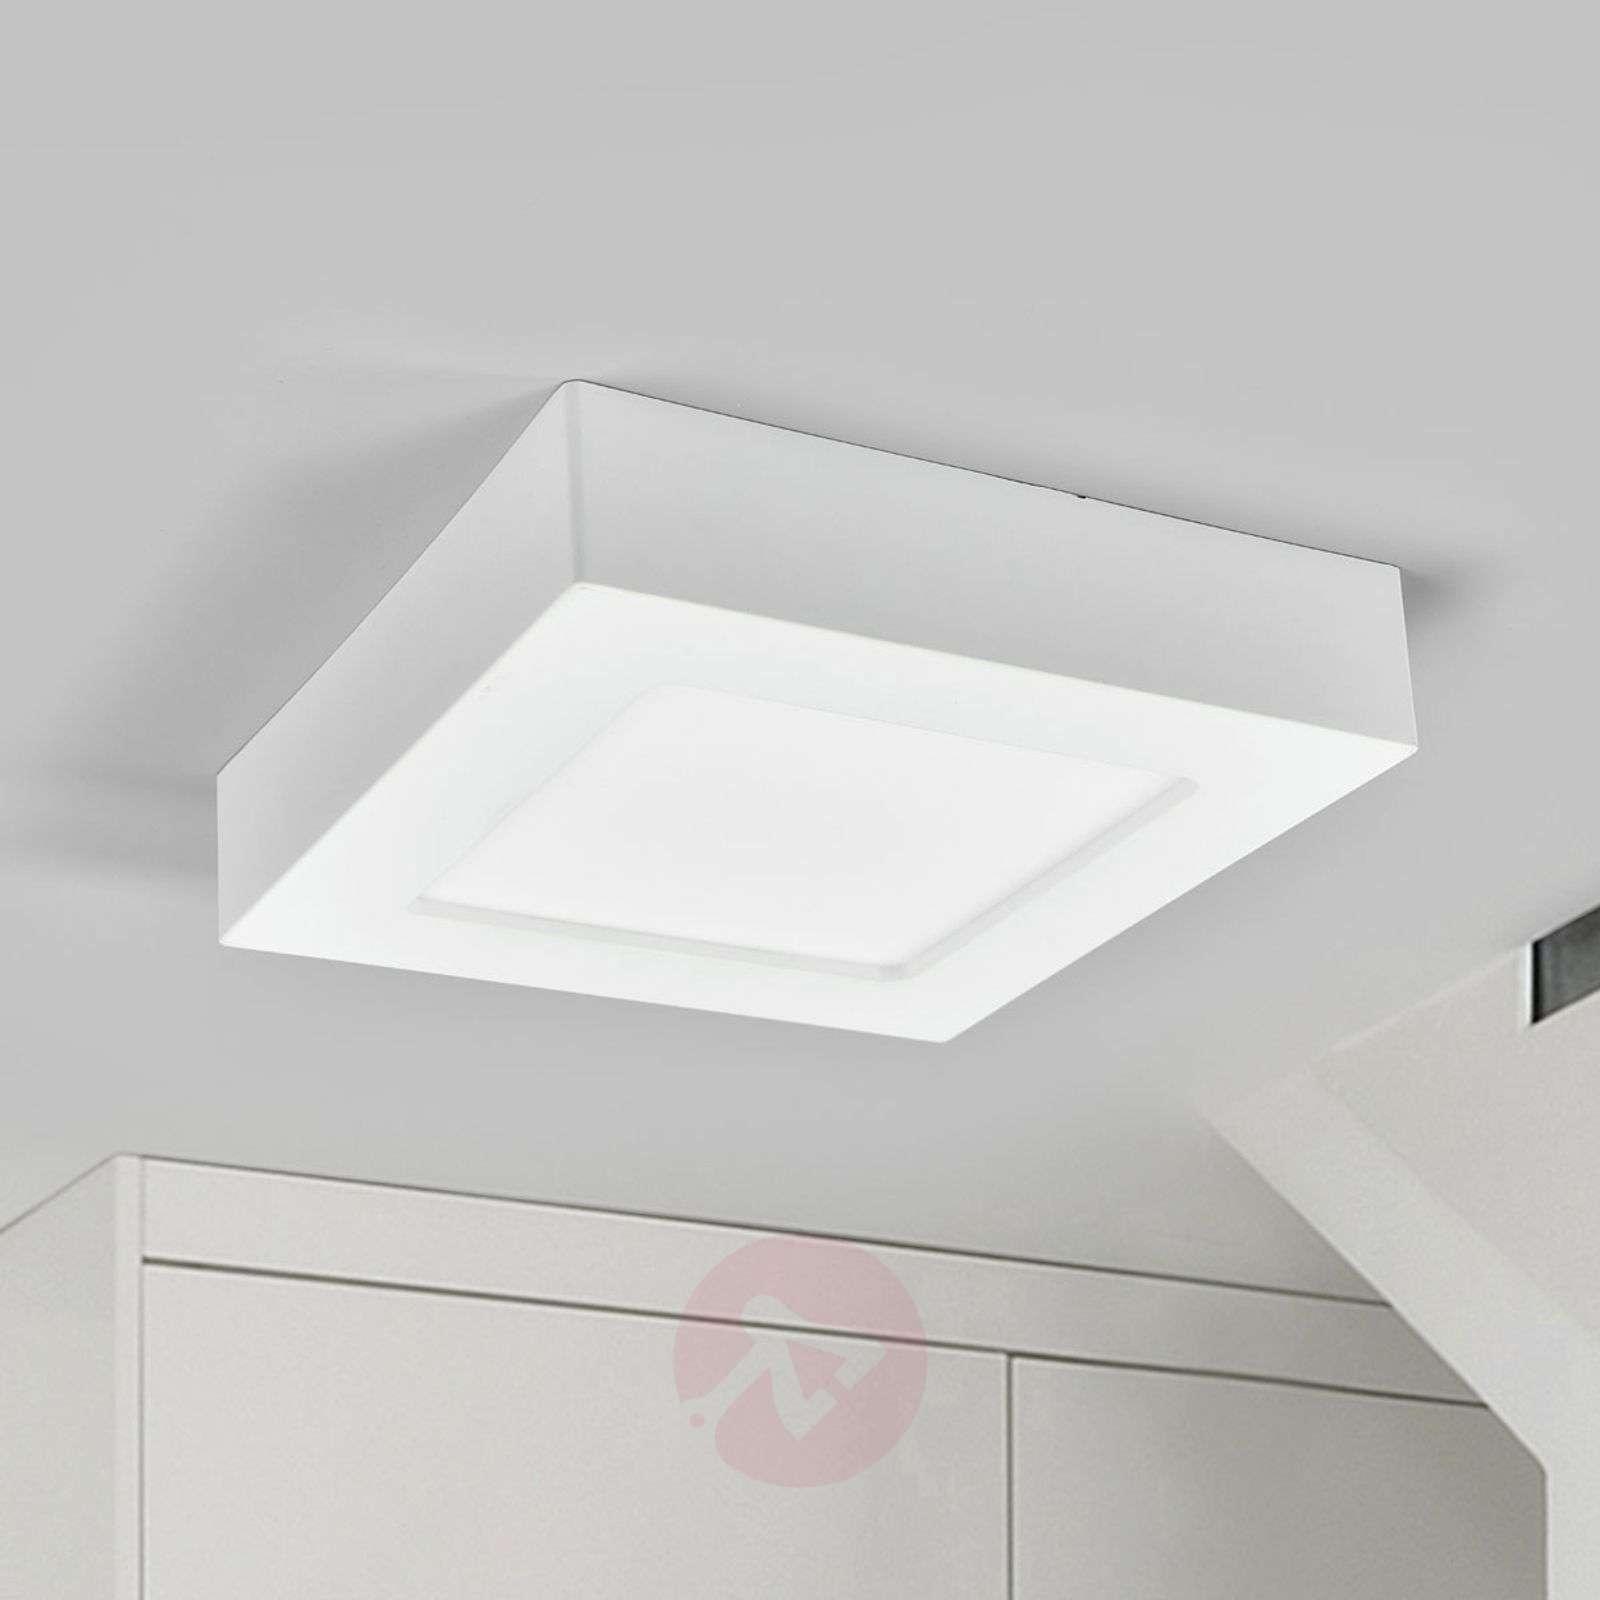 LED-kattovalo Marlo valkoinen 4000K kulmikas 18 cm-9978067-02